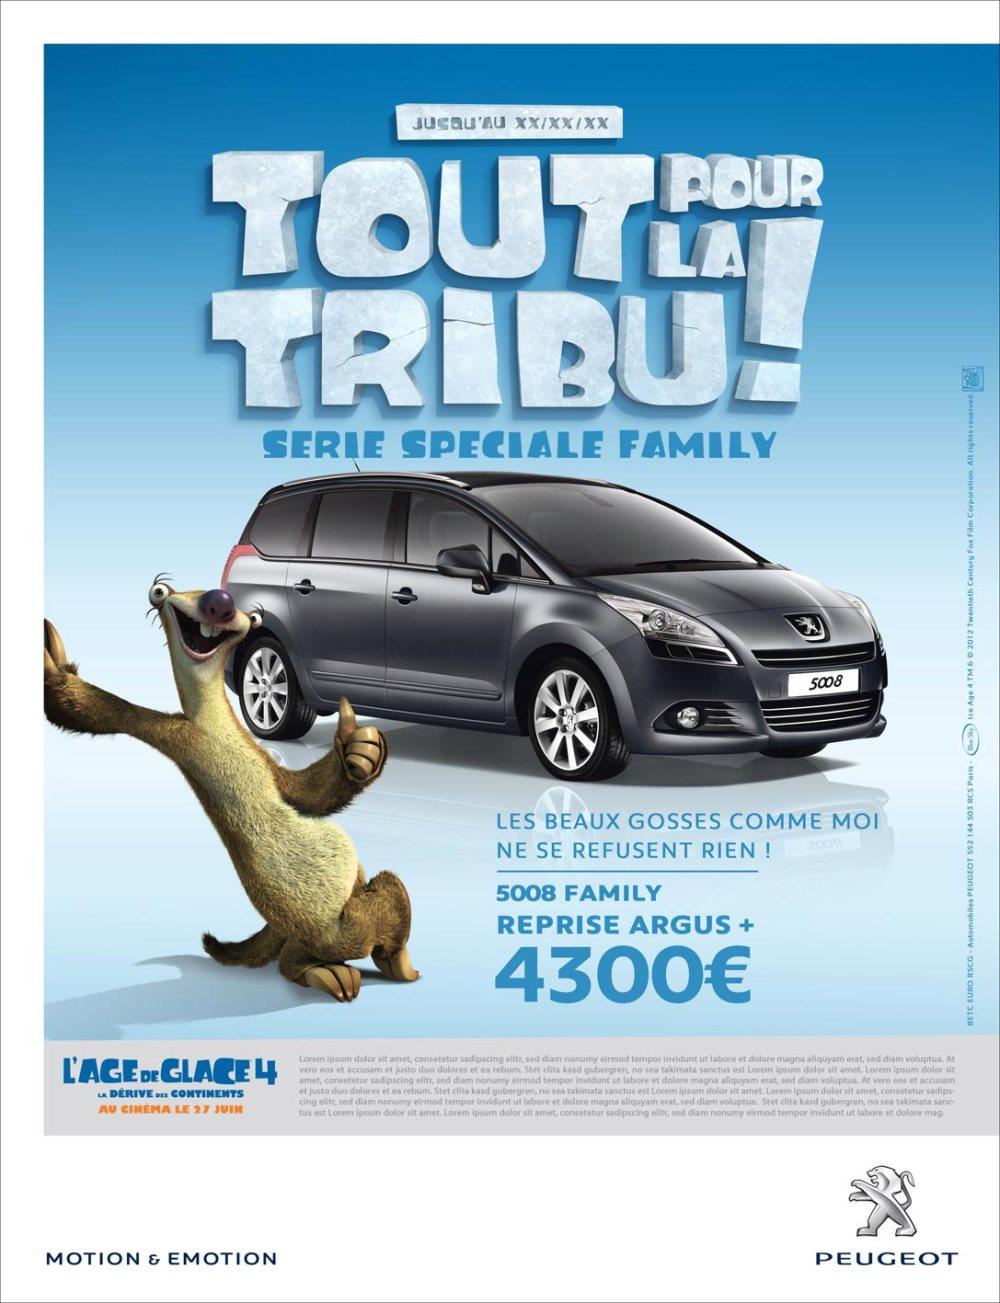 Peugeot Event Age de glace 2